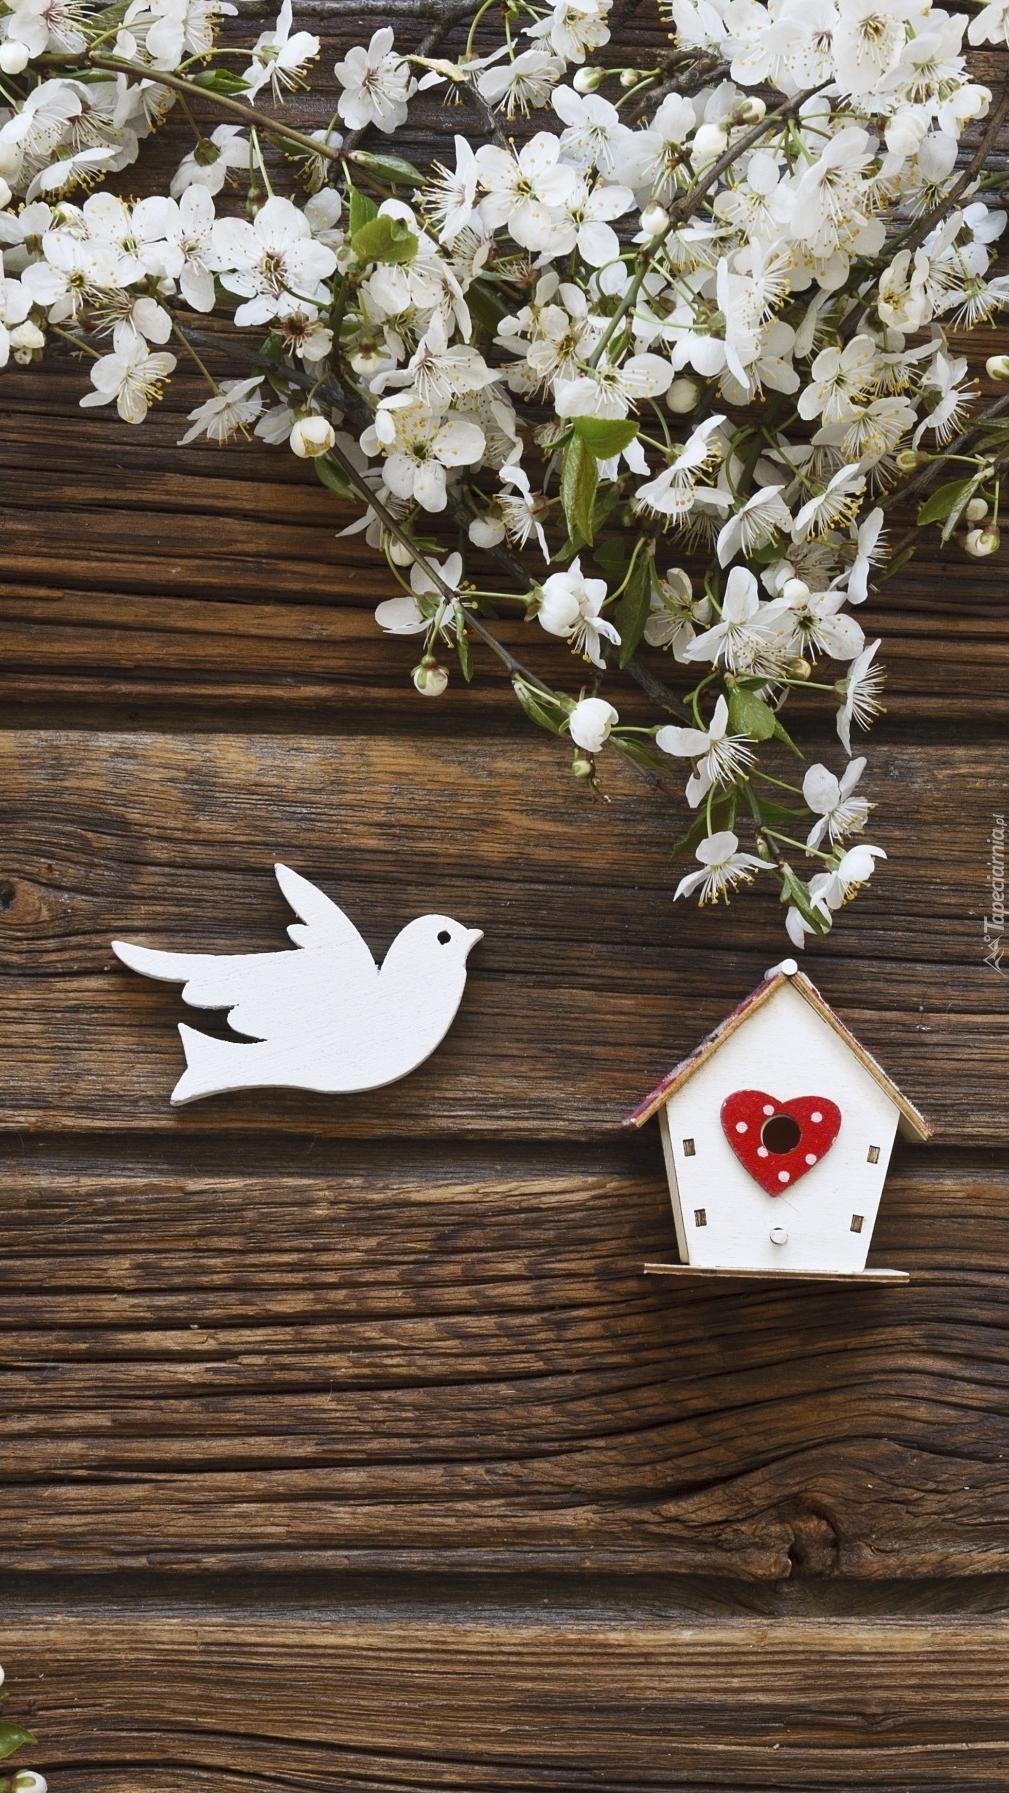 Dekoracyjny ptaszek i karmnik pod gałązkami białych kwiatów